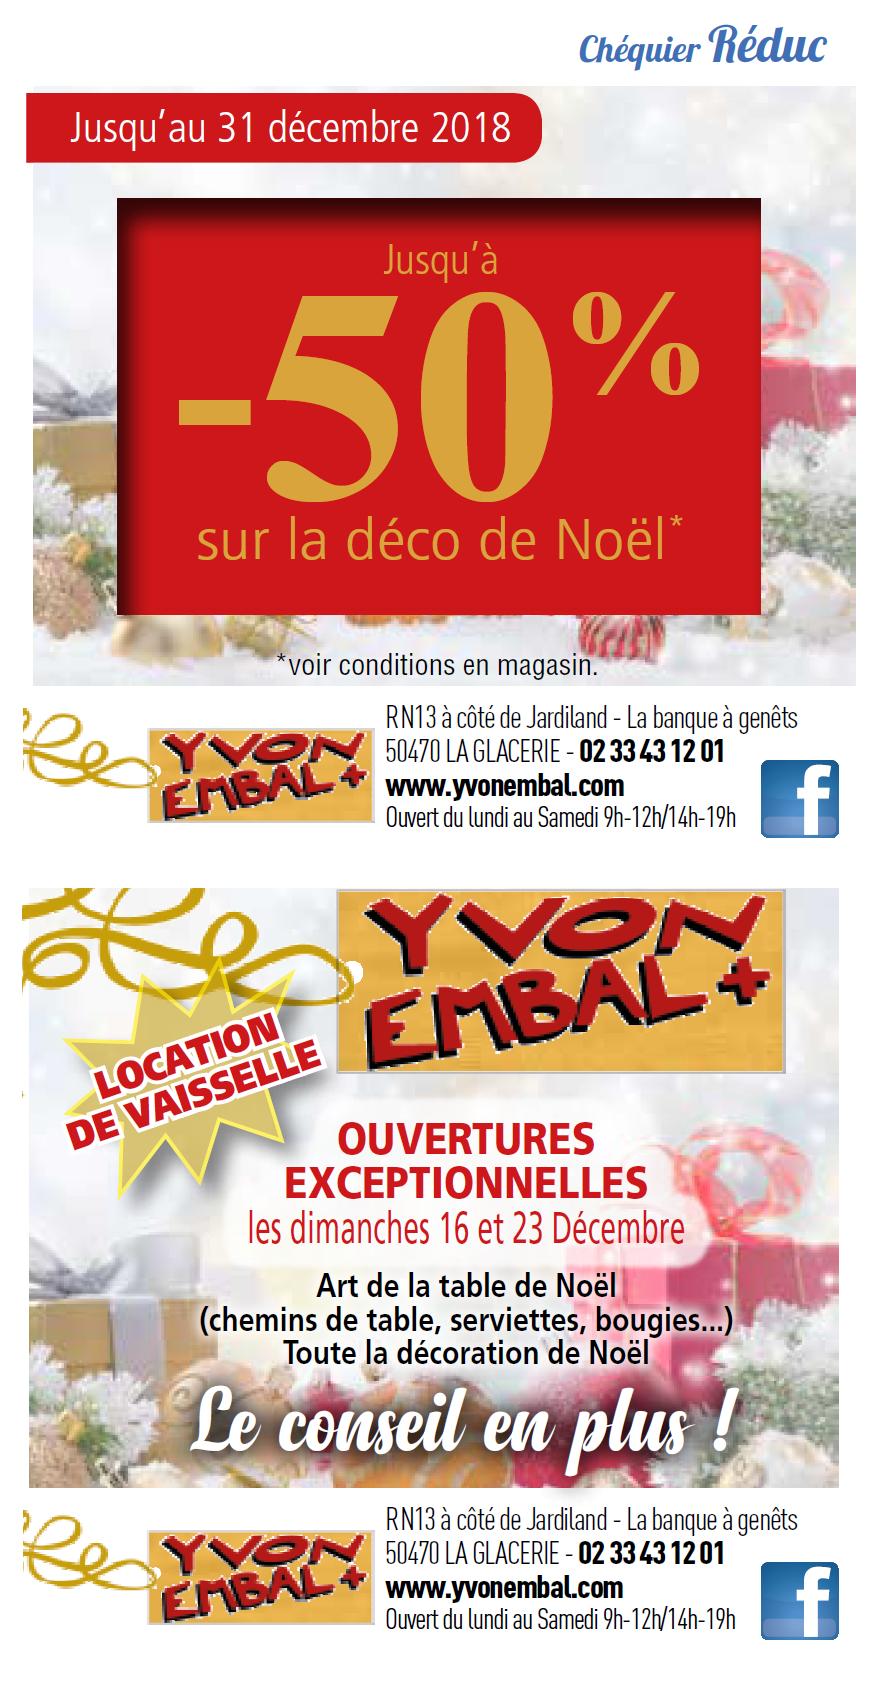 Ouvertures du dimanche et réductions de décembre d'Yvon Embal+ pour la déco à Cap'Nor